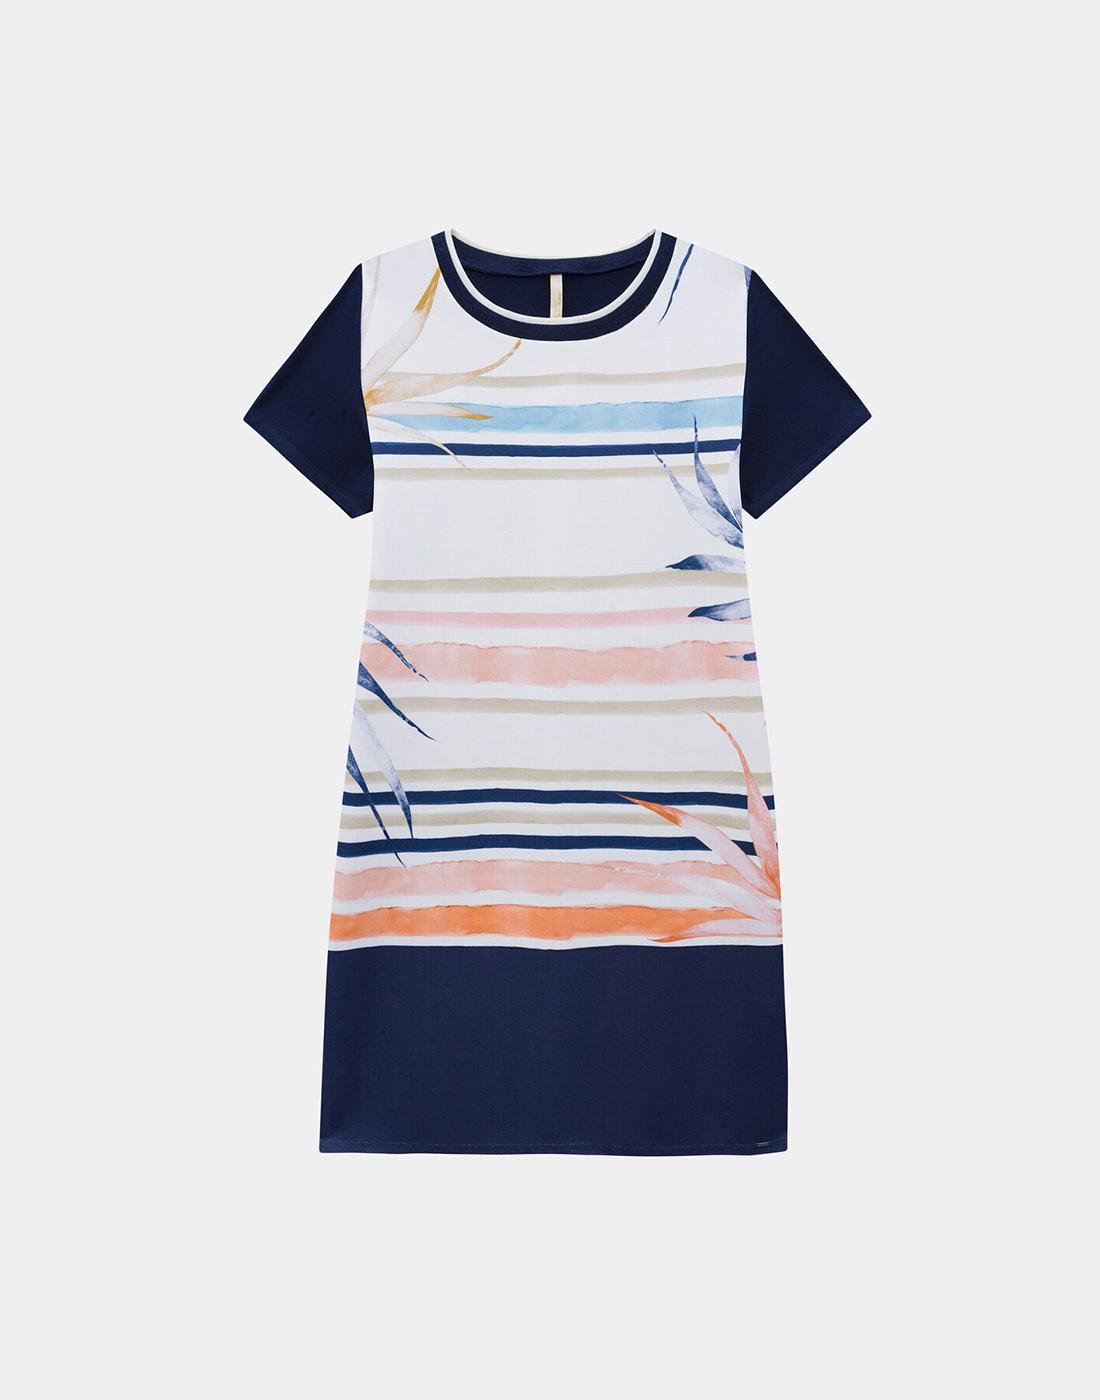 Vestido Estampado Plus Size Malha Diagonal Venecia e Crepe Marinho Action Lunender Mais Mulher